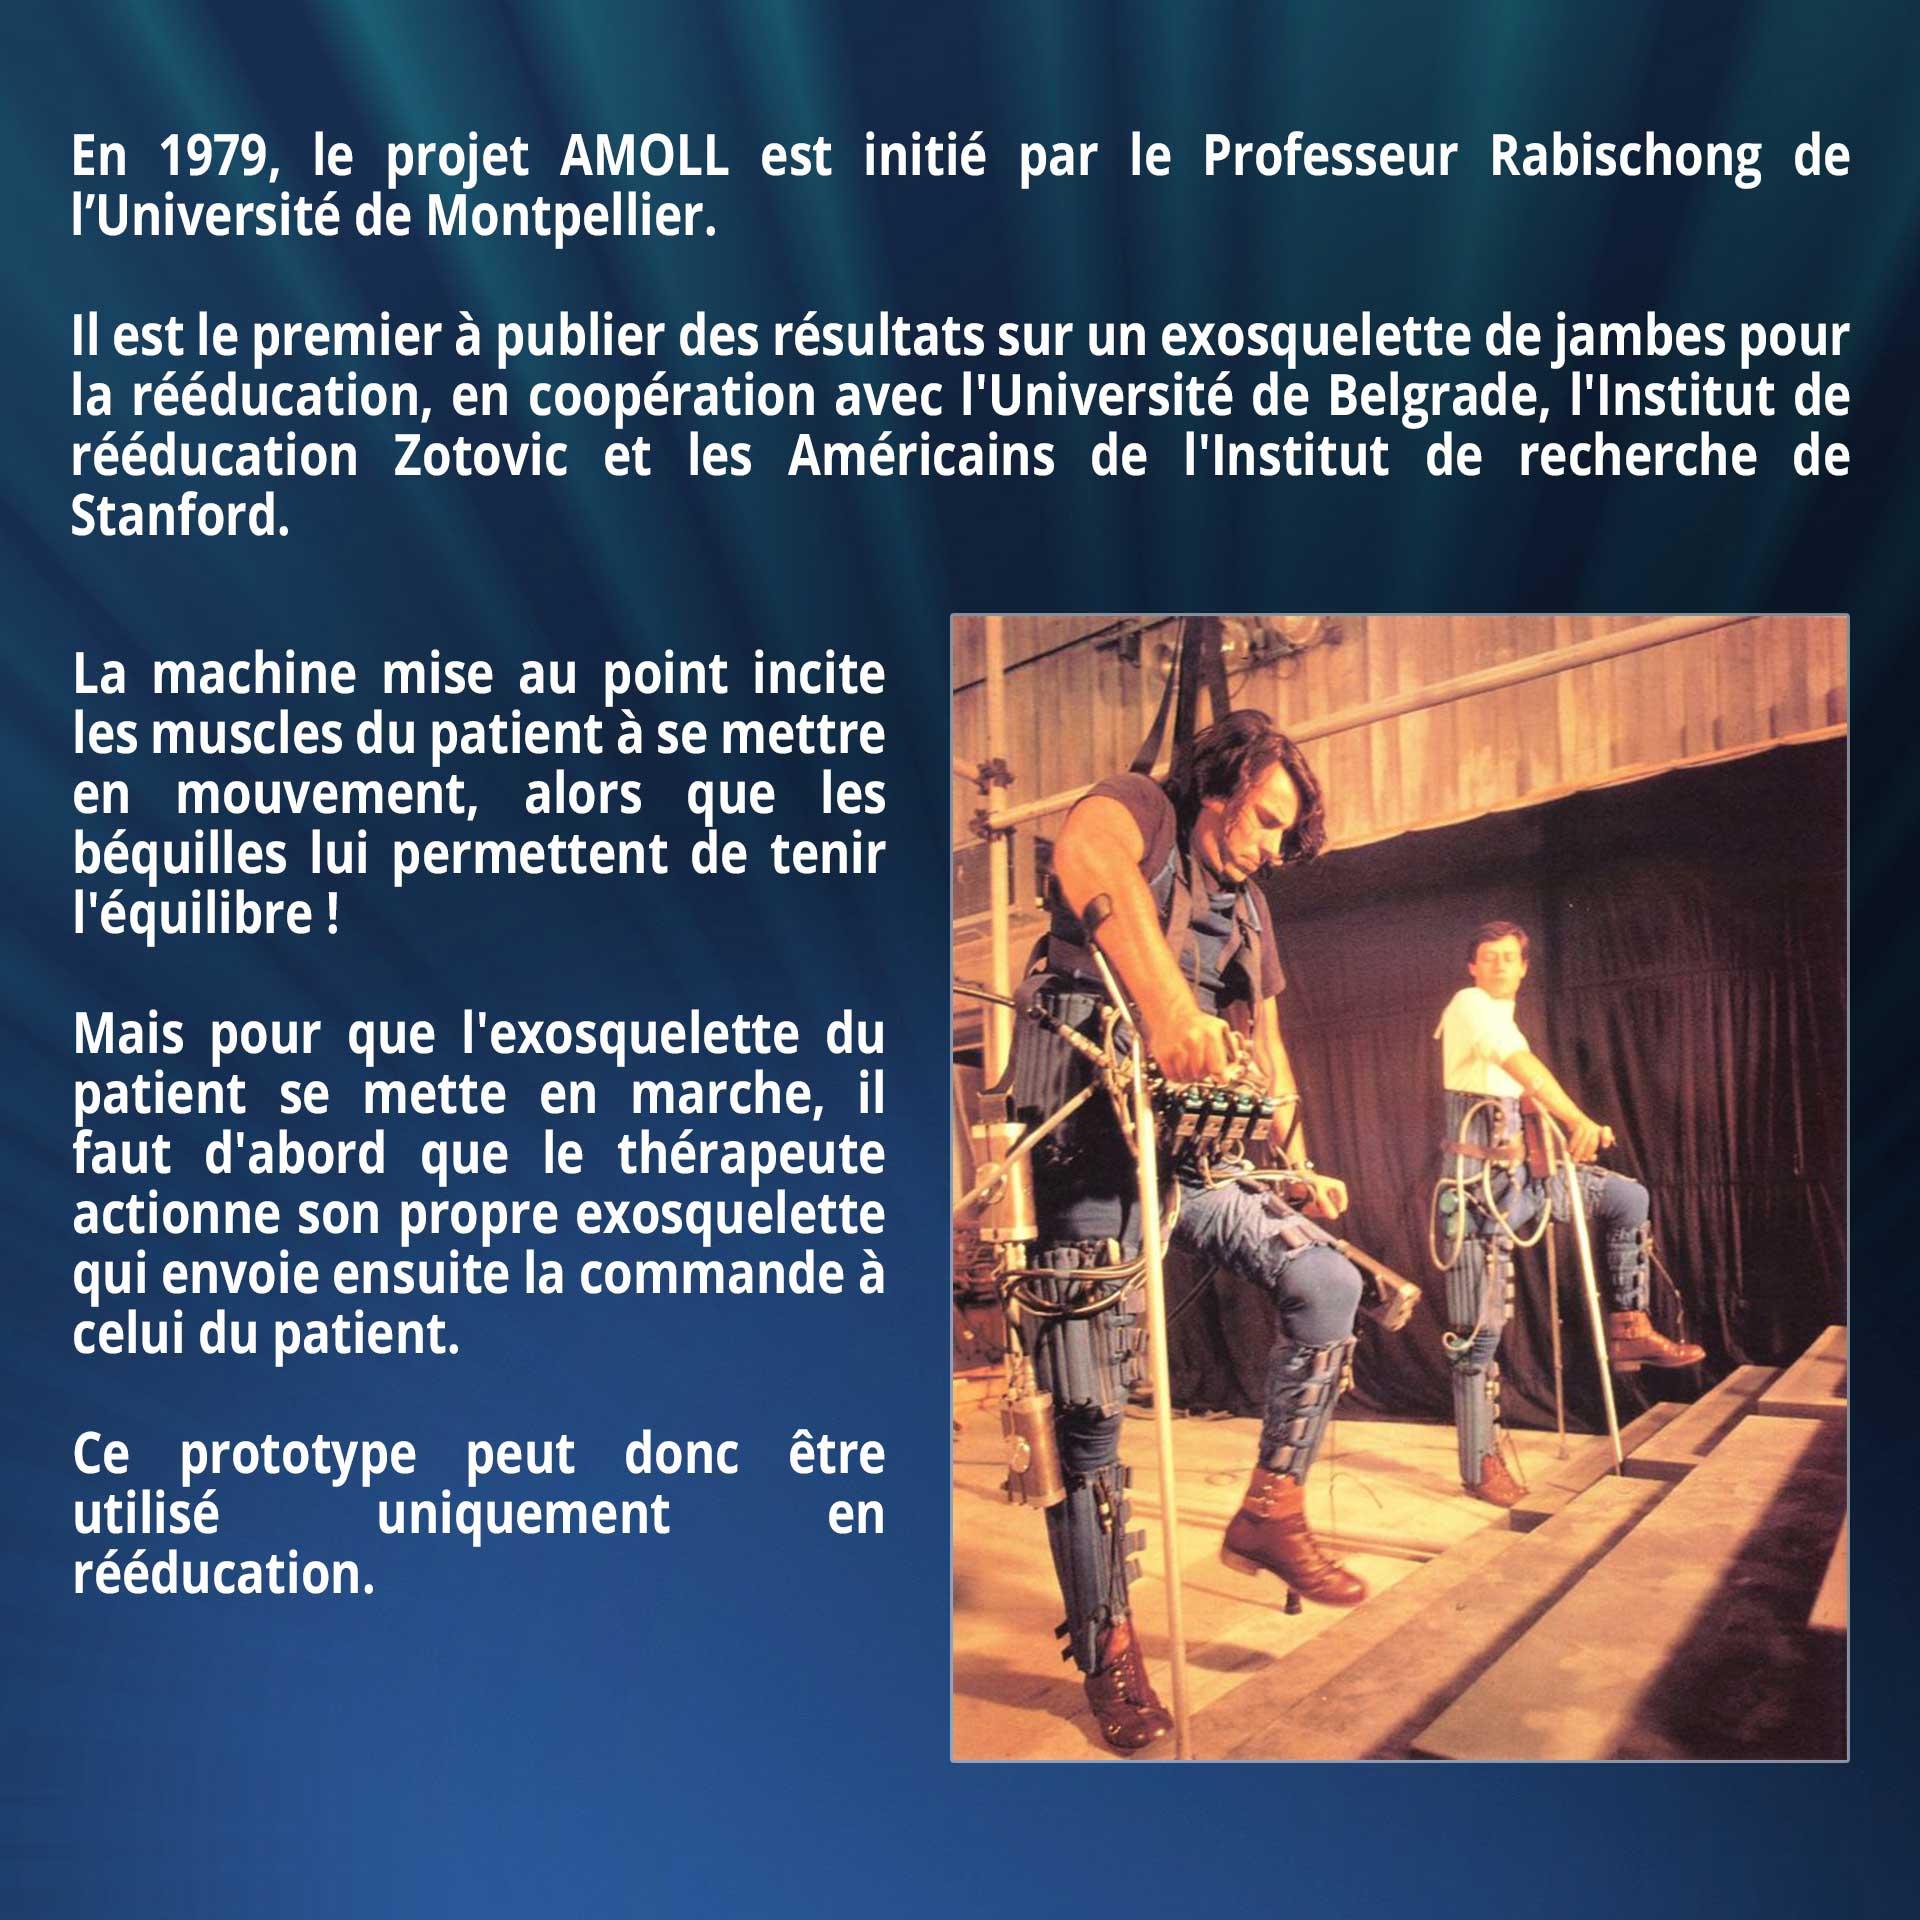 En 1979, le projet AMOLL est initié par le Professeur Rabischong de l'Université de Montpellier. Il est le premier à publier des résultats sur un exosquelette de jambes pour la rééducation, en coopération avec l'Université de Belgrade, l'Institut de rééducation Zotovic et les Américains de l'Institut de recherche de Stanford. La machine mise au point incite les muscles du patient à se mettre en mouvement, alors que les béquilles lui permettent de tenir l'équilibre ! Mais pour que l'exosquelette du patient se mette en marche, il faut d'abord que le thérapeute actionne son propre exosquelette qui envoie ensuite la commande à celui du patient. Ce prototype peut donc être utilisé uniquement en rééducation.